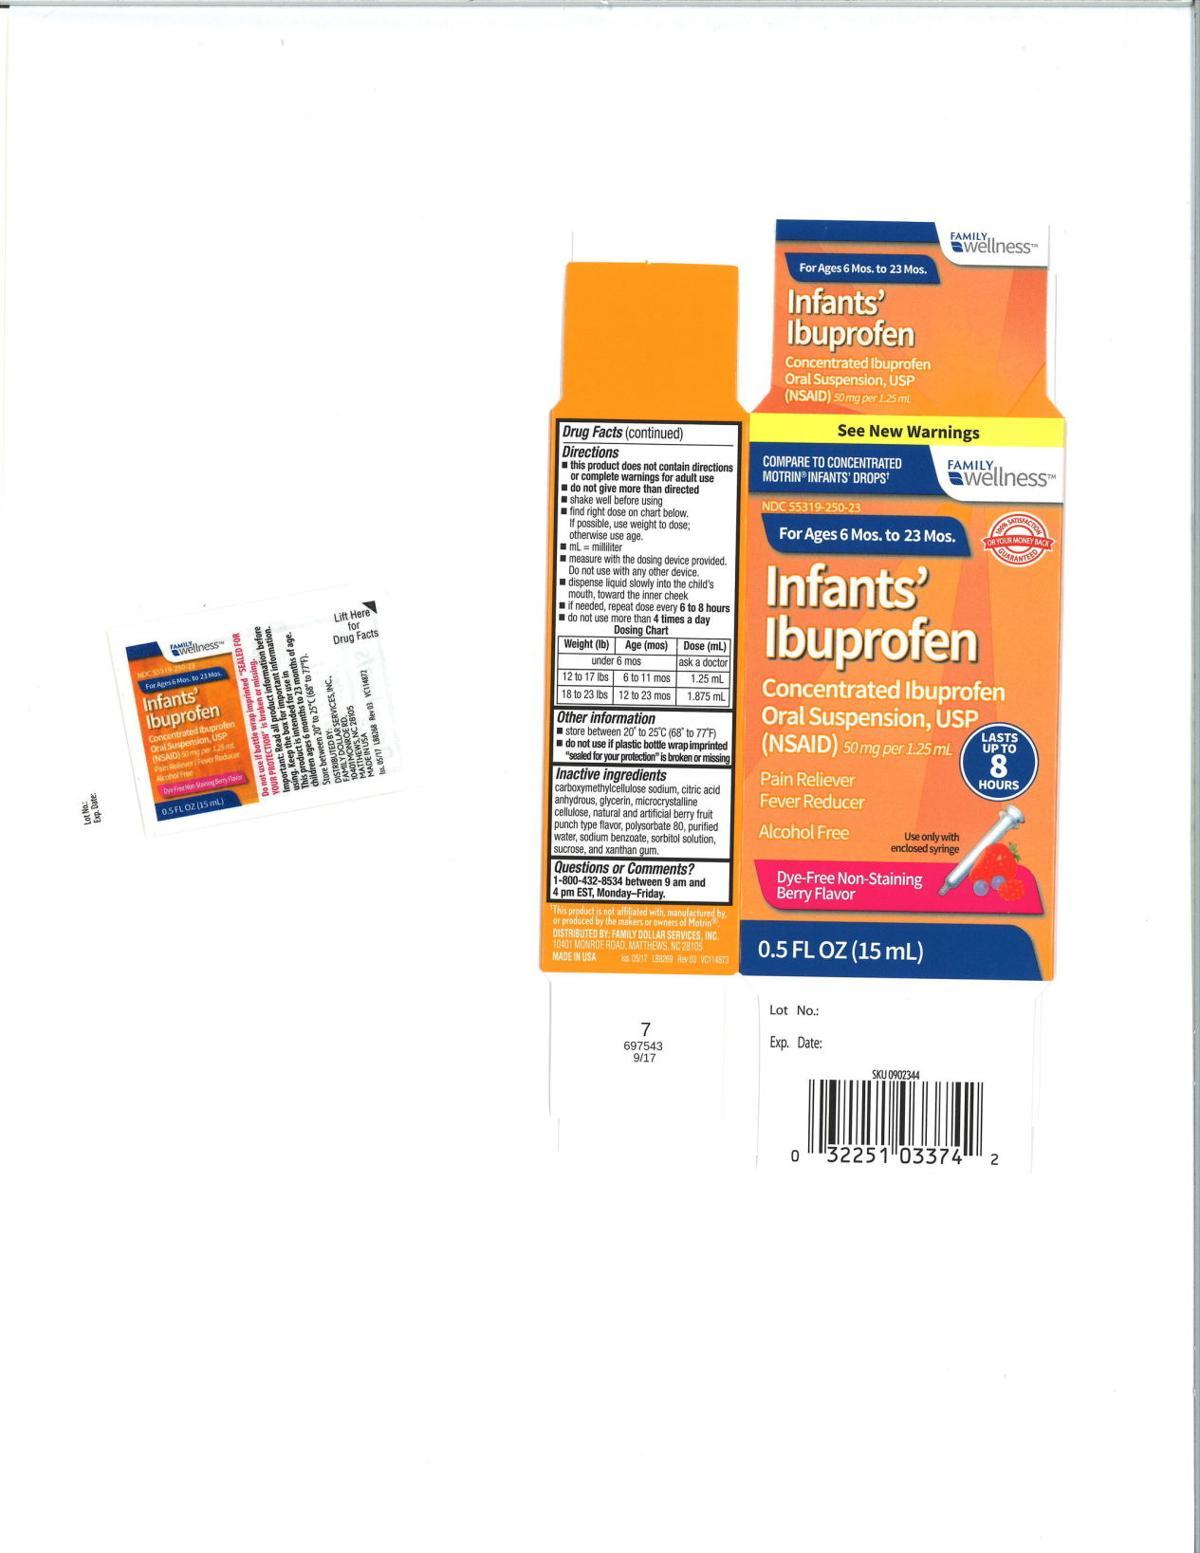 Tris Pharma 2